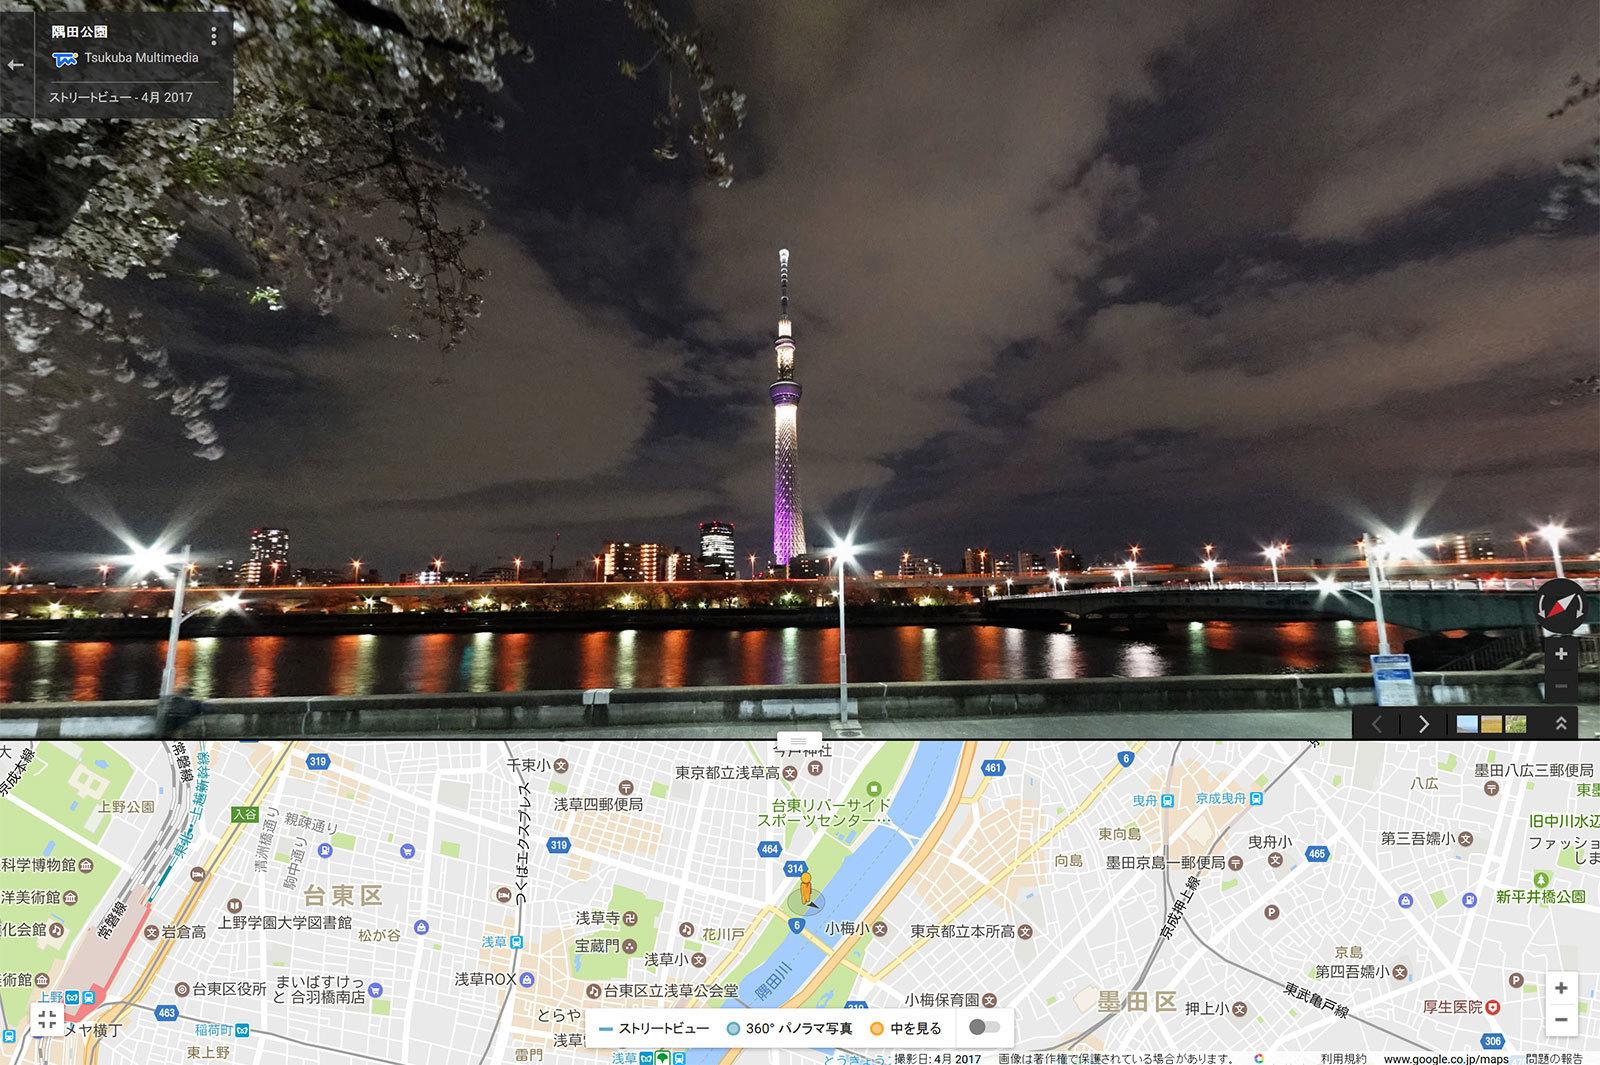 墨田公園のGoogleストリートビュー写真